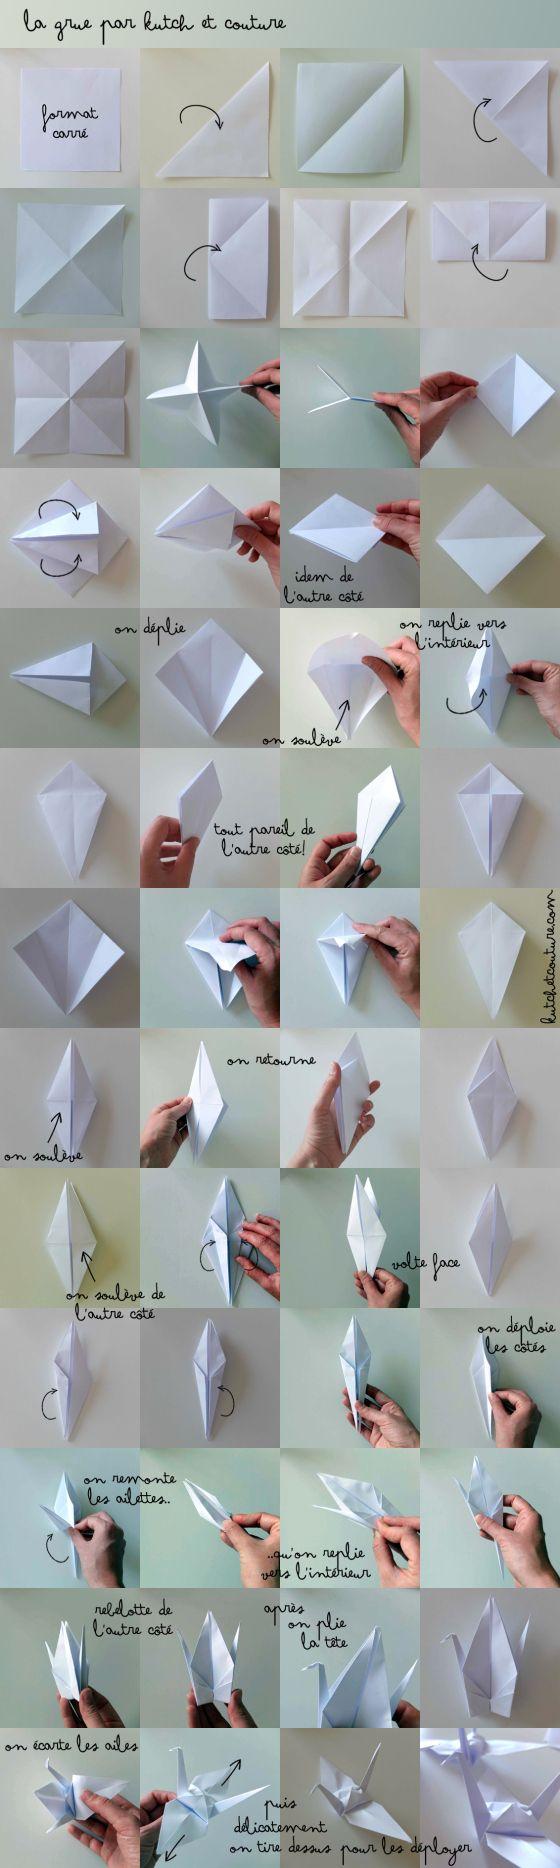 """Origami : """"la grue"""", oiseau symbole de paix  au Japon. J'en ai fait des centaines pour Noël, pour des mariages , la fête des écoles, les anniversaires ... en renouvelant papiers et couleurs, en les posant ou les suspendant... en miniature on peut en faire de jolis bijoux..."""